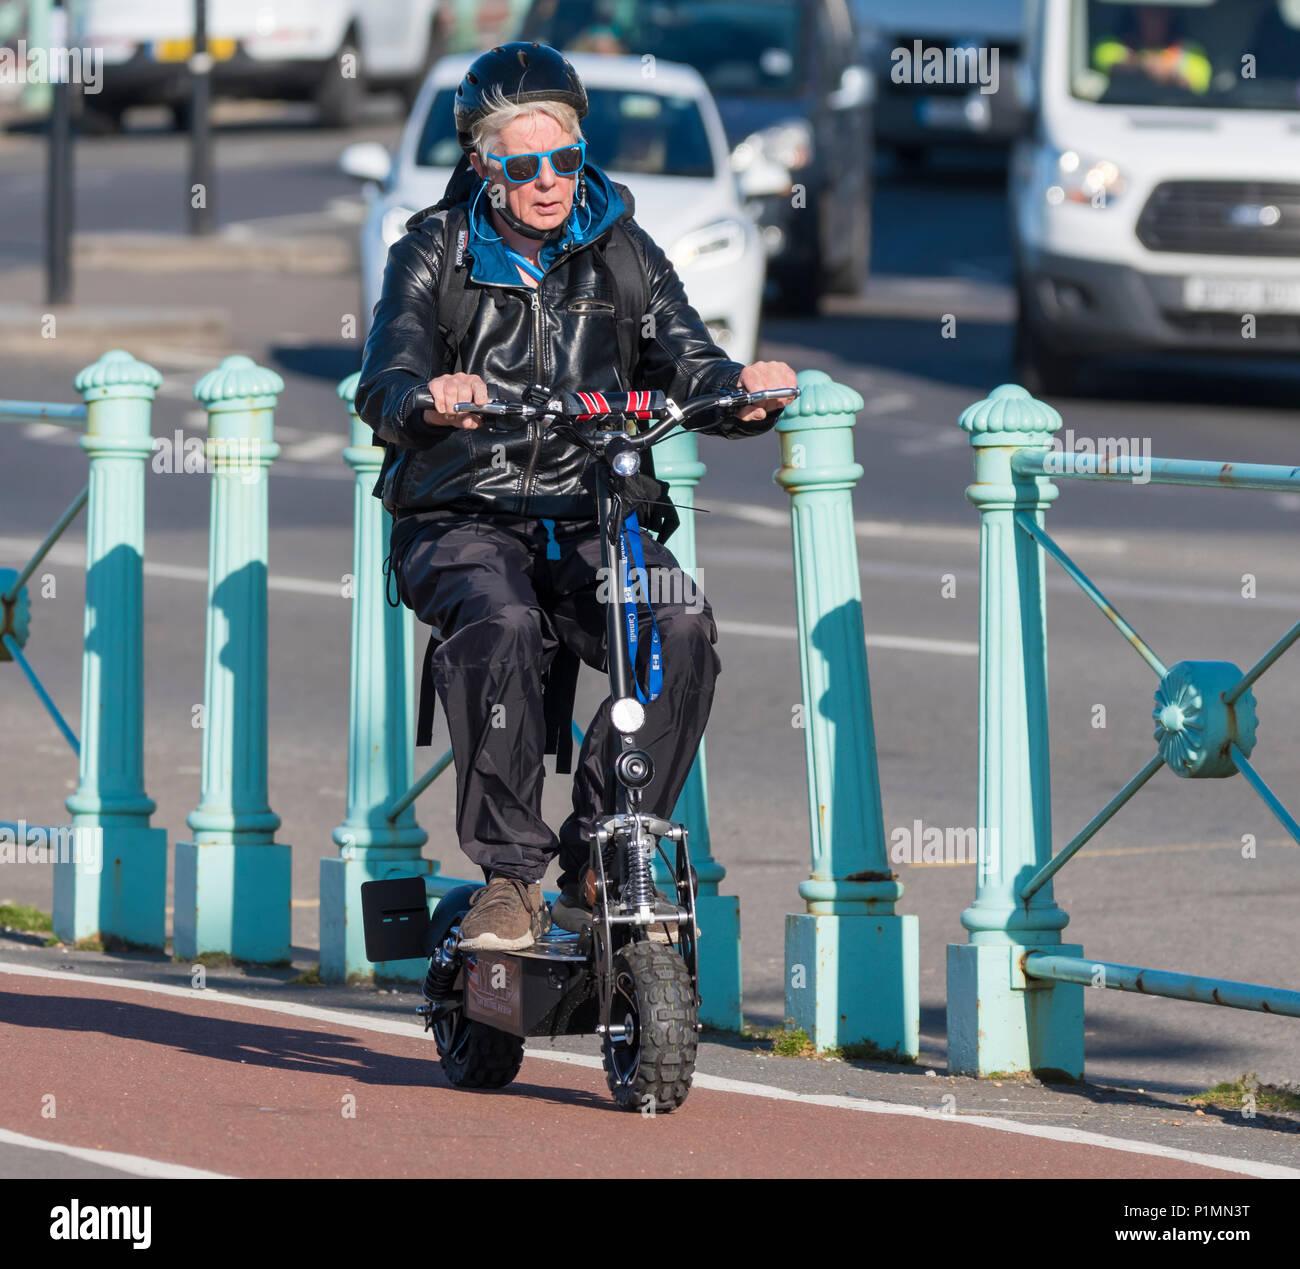 La donna a cavallo di un piccolo scooter elettrico con ruote piccole nel Regno Unito. Immagini Stock